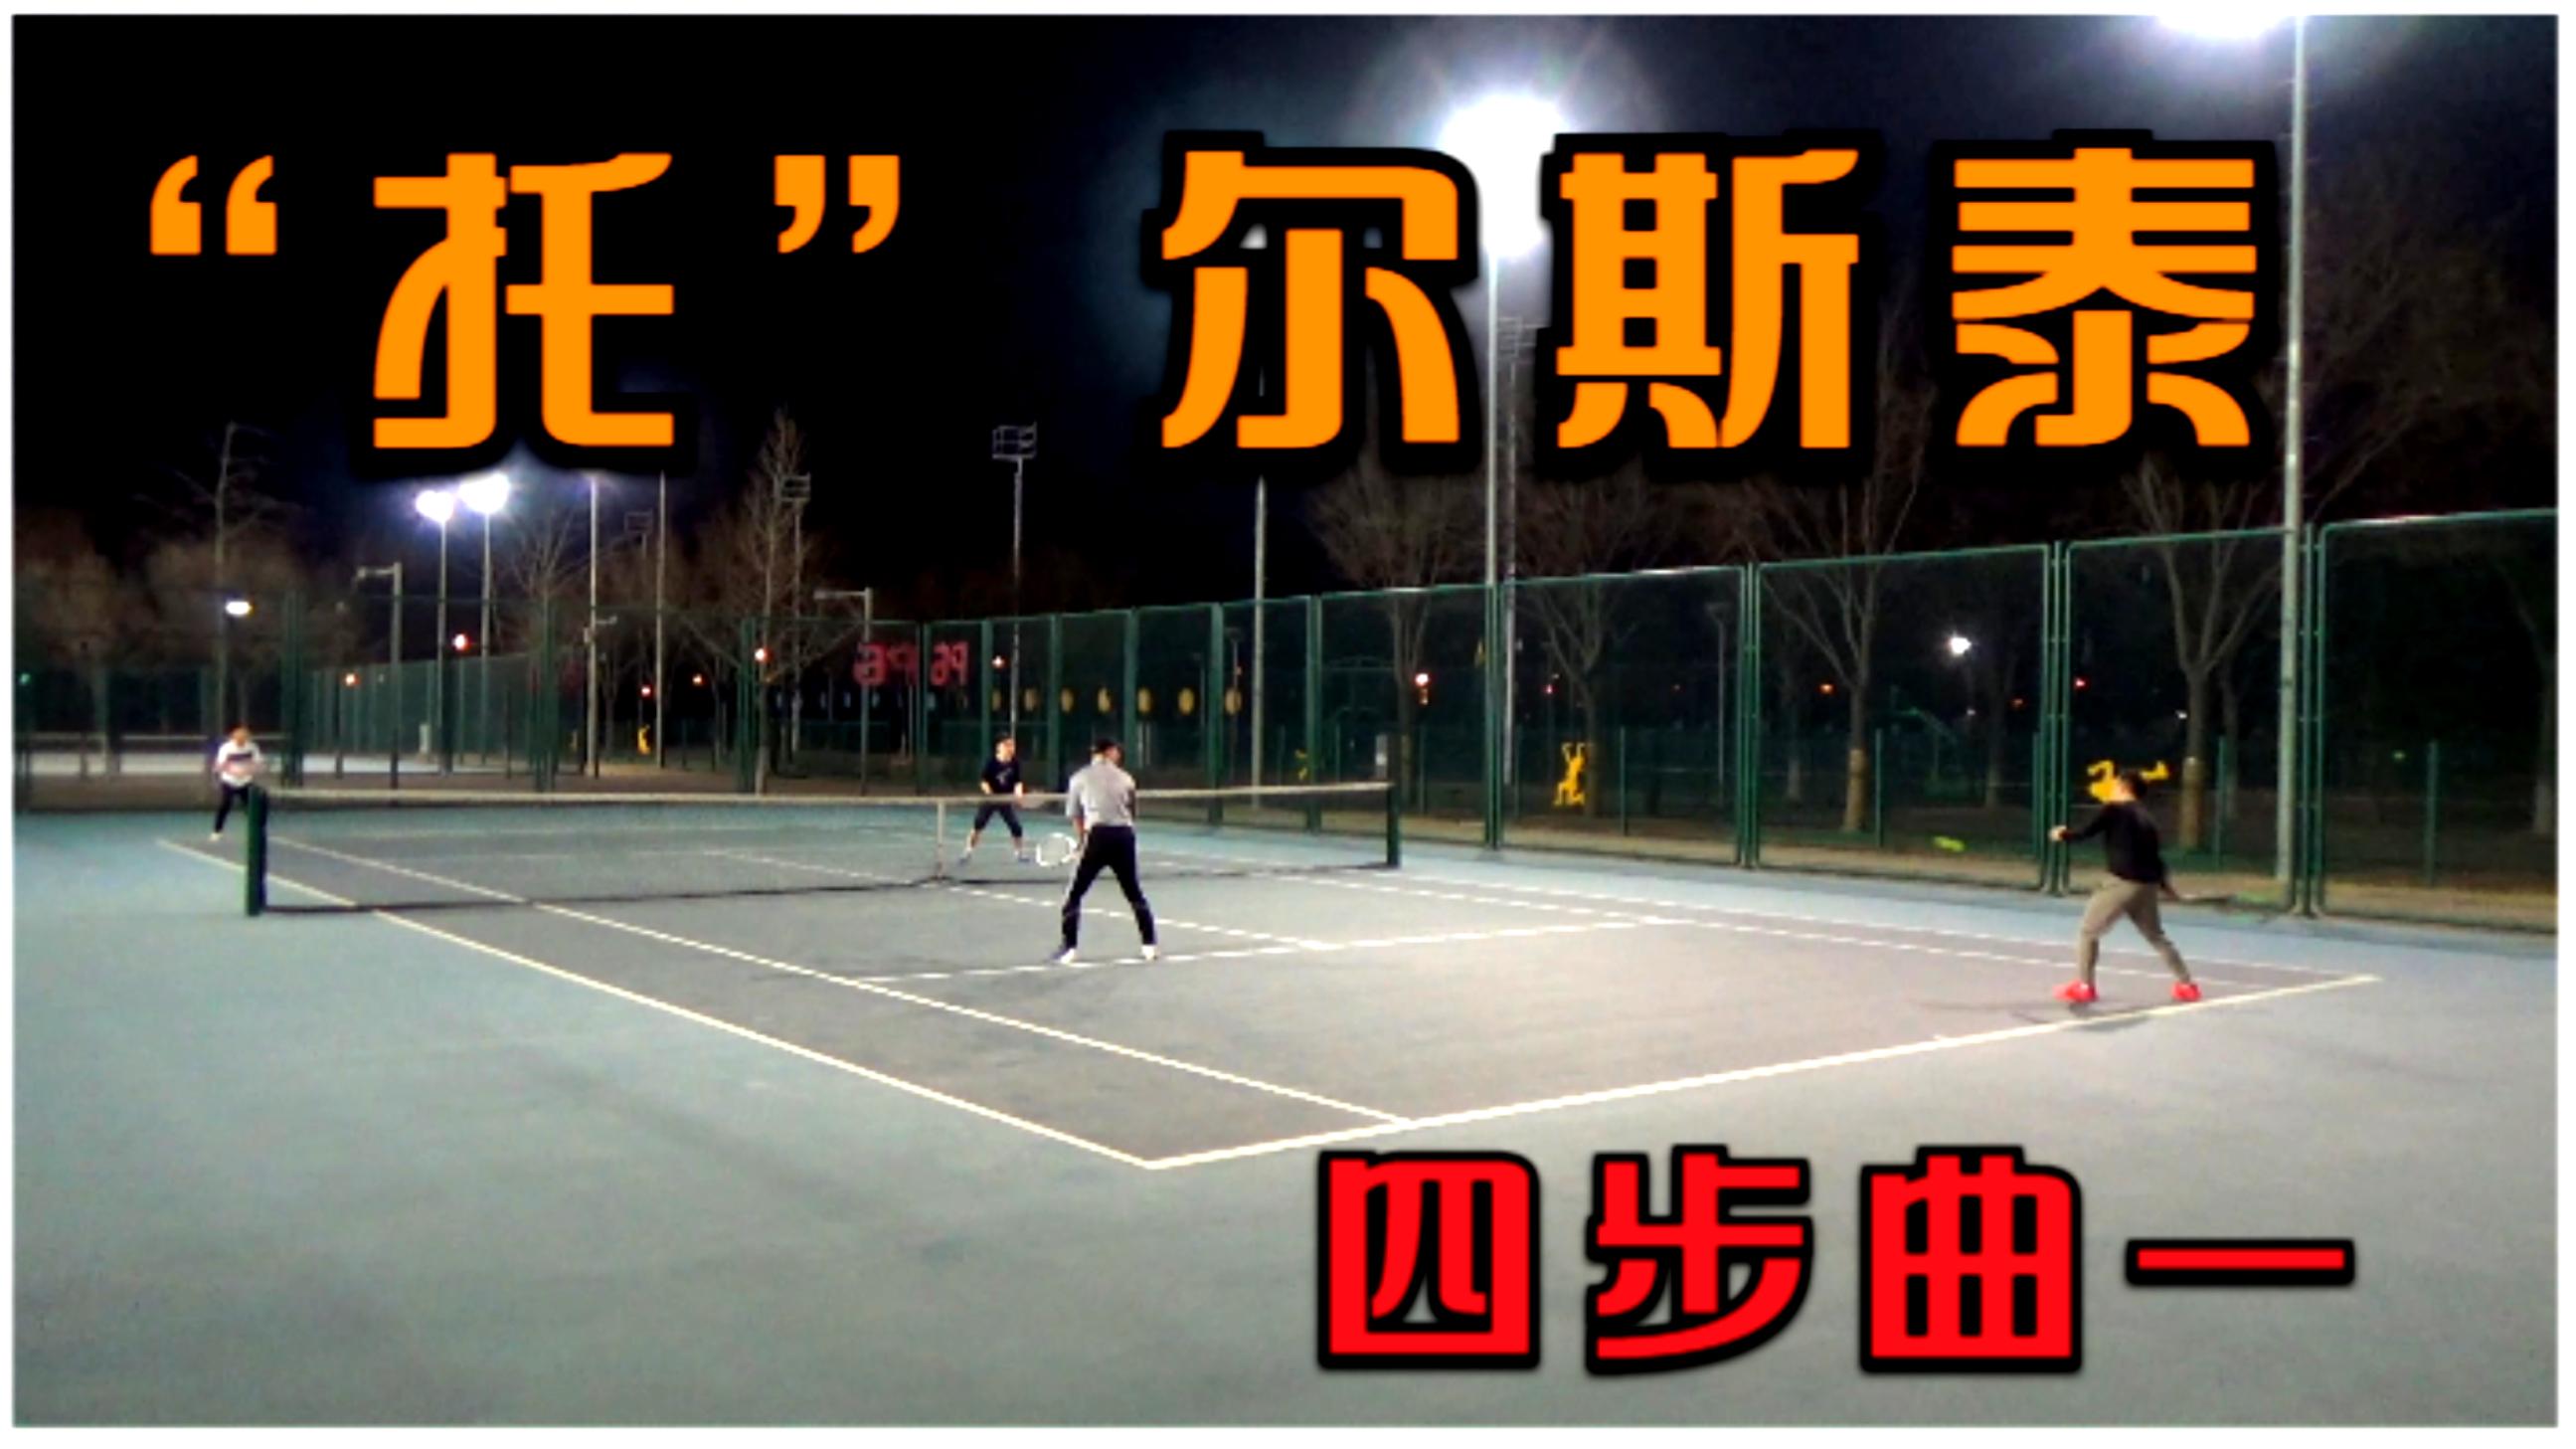 慢网球 四部曲之一 托尔斯泰